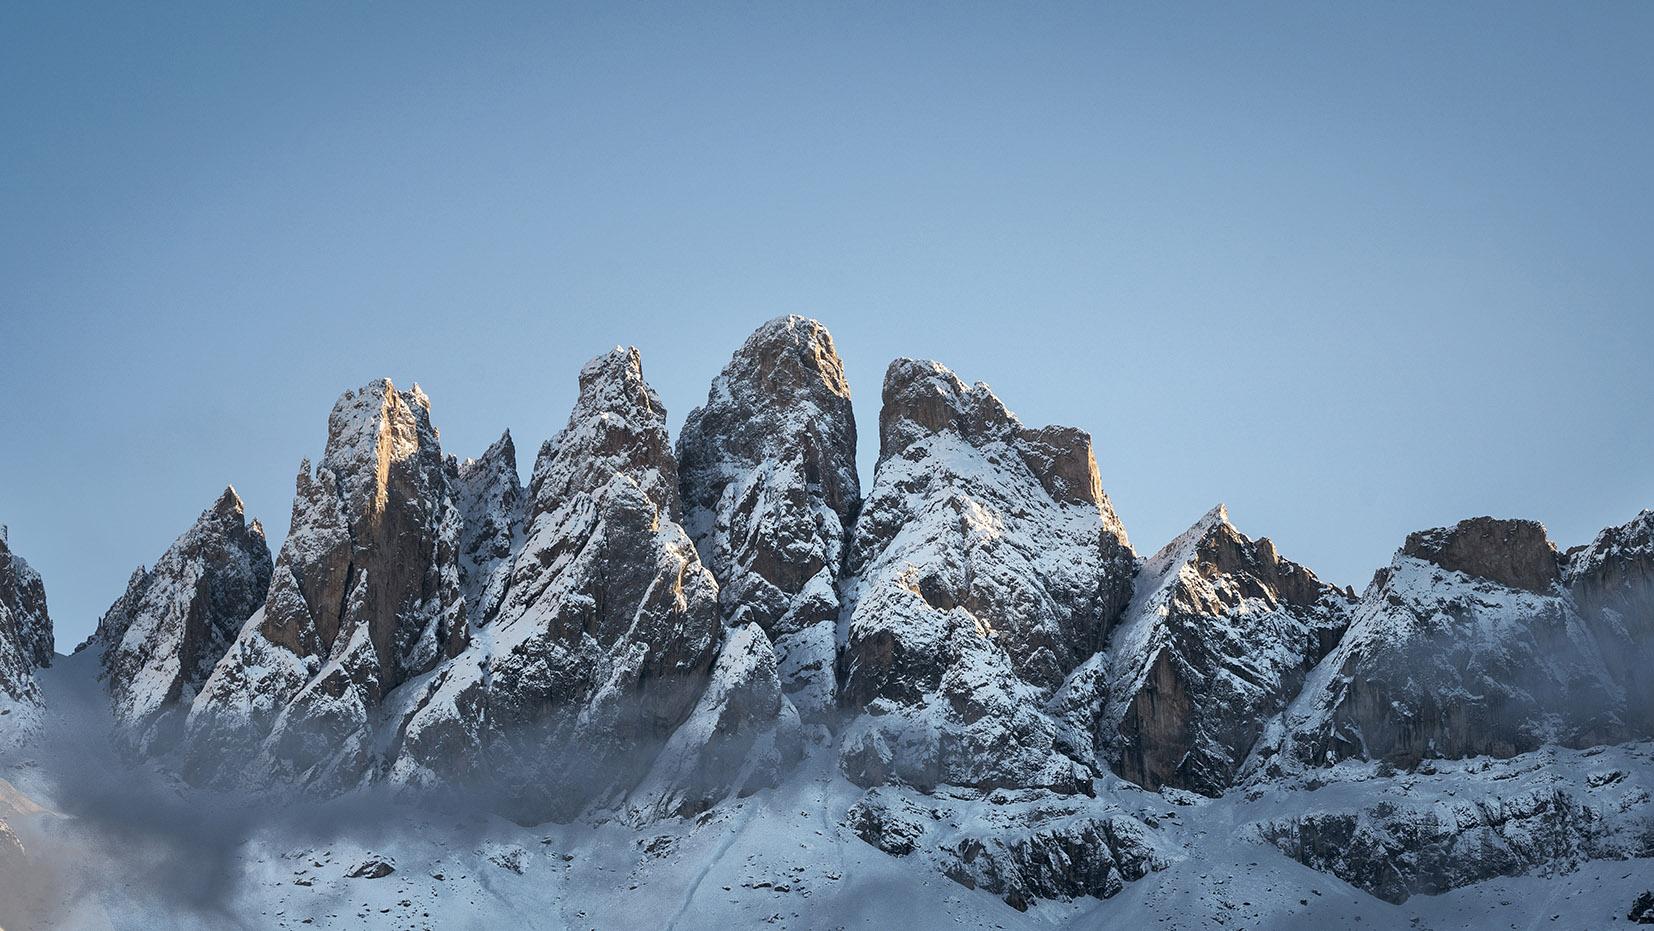 coucher soleil Sass Rigais forme dragon ciel bleu neige